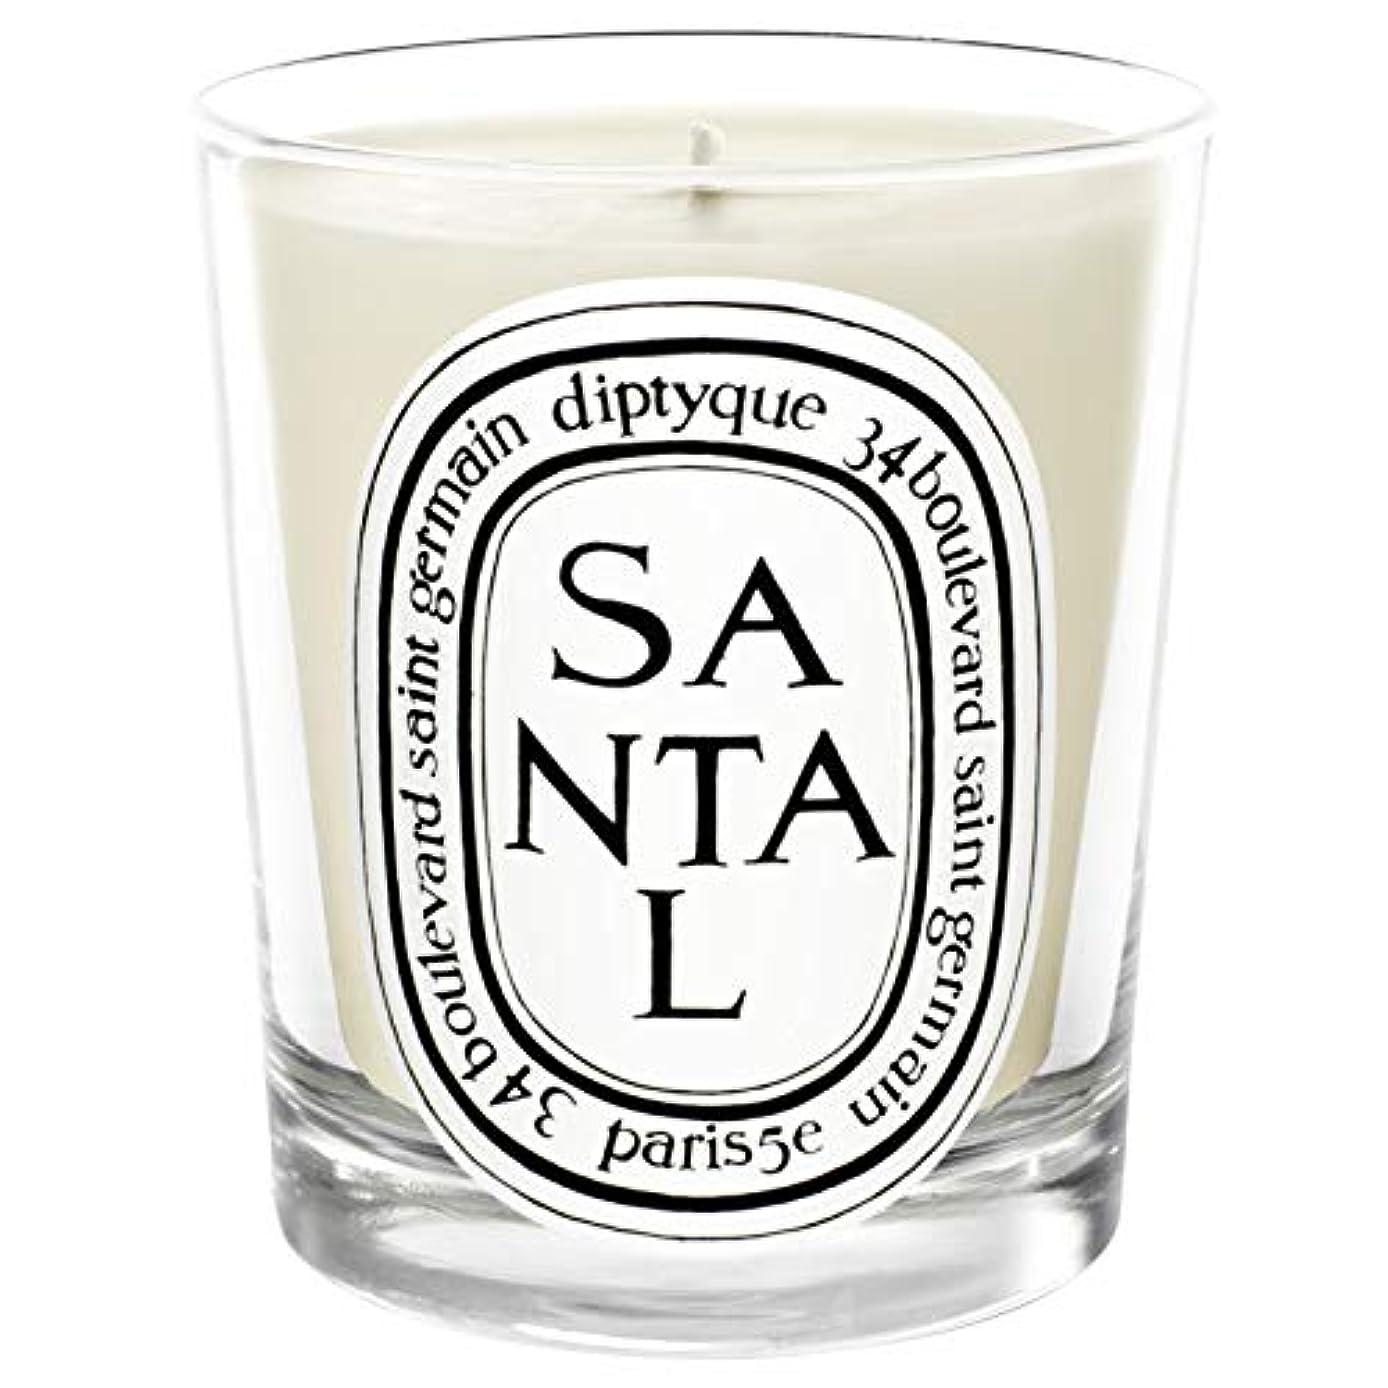 マークダウンあいさつヘッジ[Diptyque] Diptyqueのサンタル香りのキャンドル190グラム - Diptyque Santal Scented Candle 190g [並行輸入品]